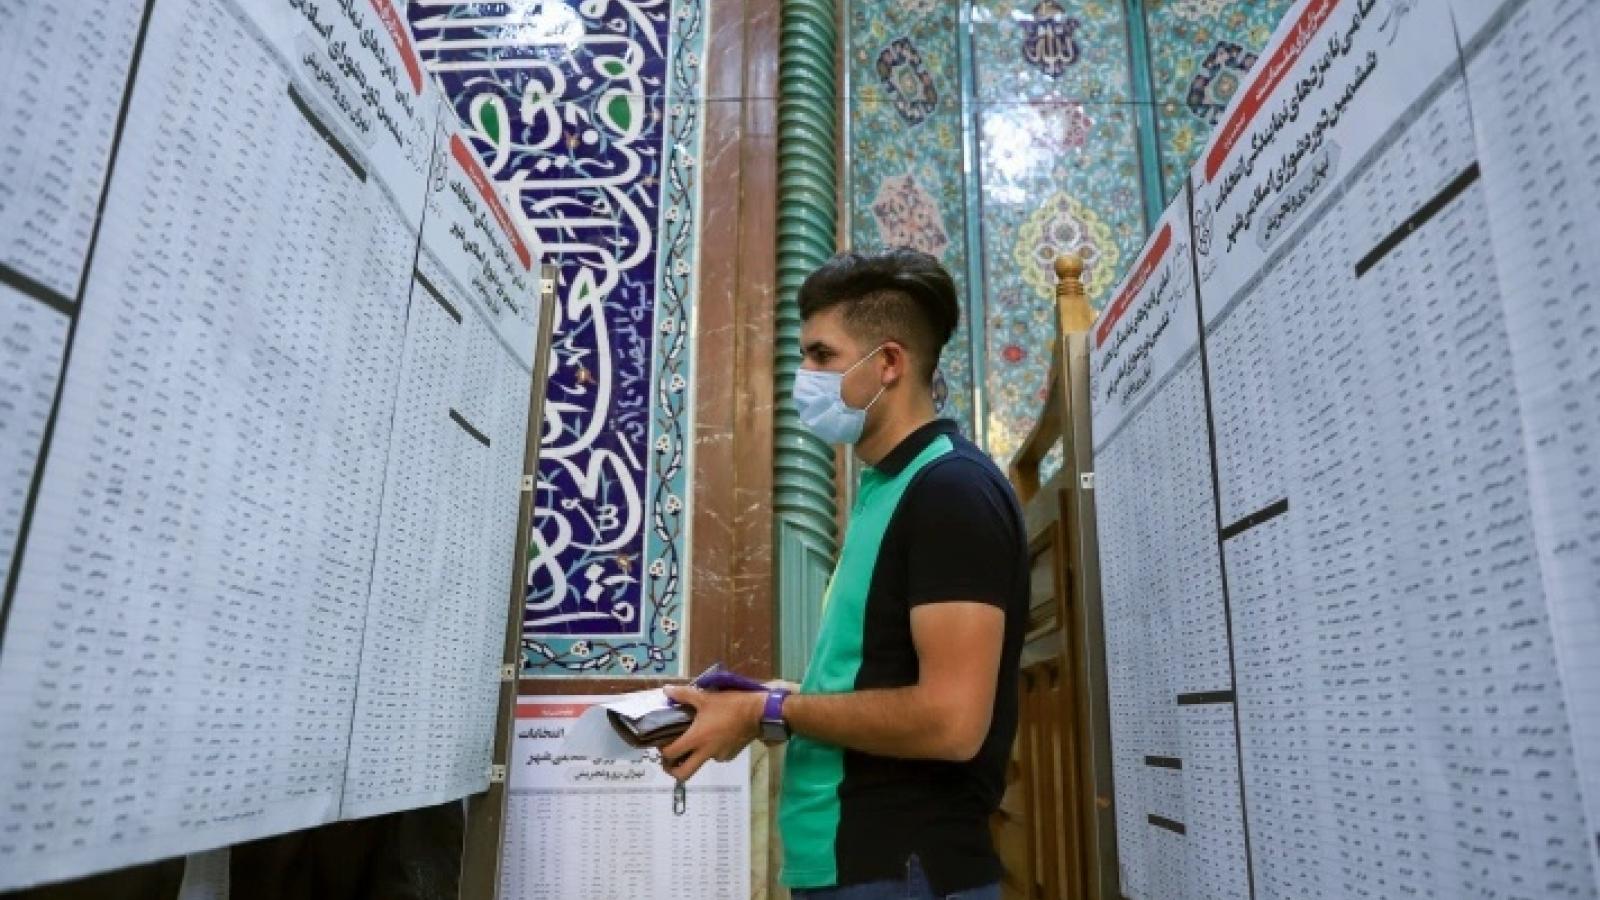 Cử tri Iran kỳ vọng bầu cử Tổng thống sẽ mang lại luồng sinh khí mới vực dậy kinh tế